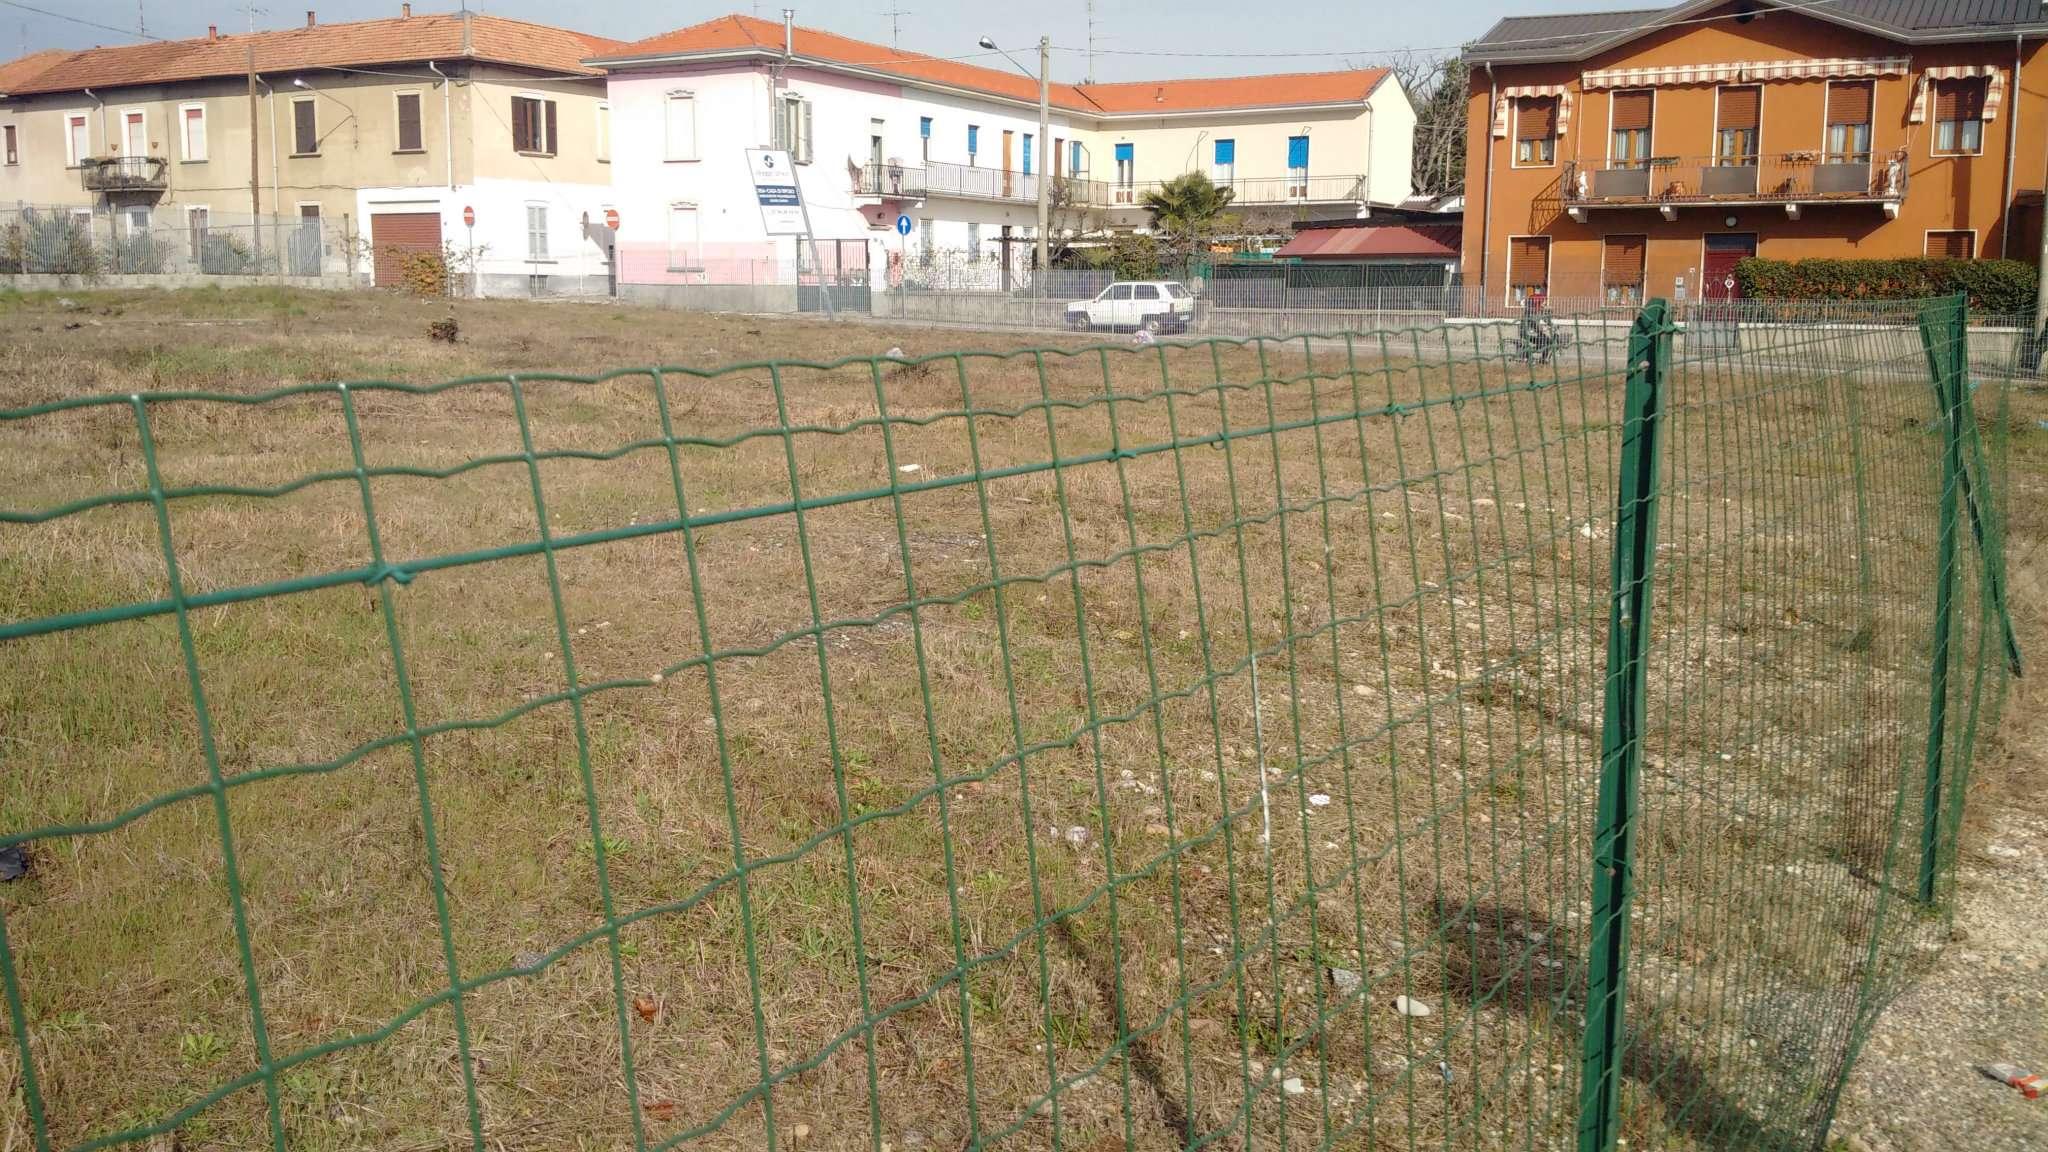 Terreno Edificabile Residenziale in vendita a Gorla Minore, 1 locali, prezzo € 60.000 | CambioCasa.it